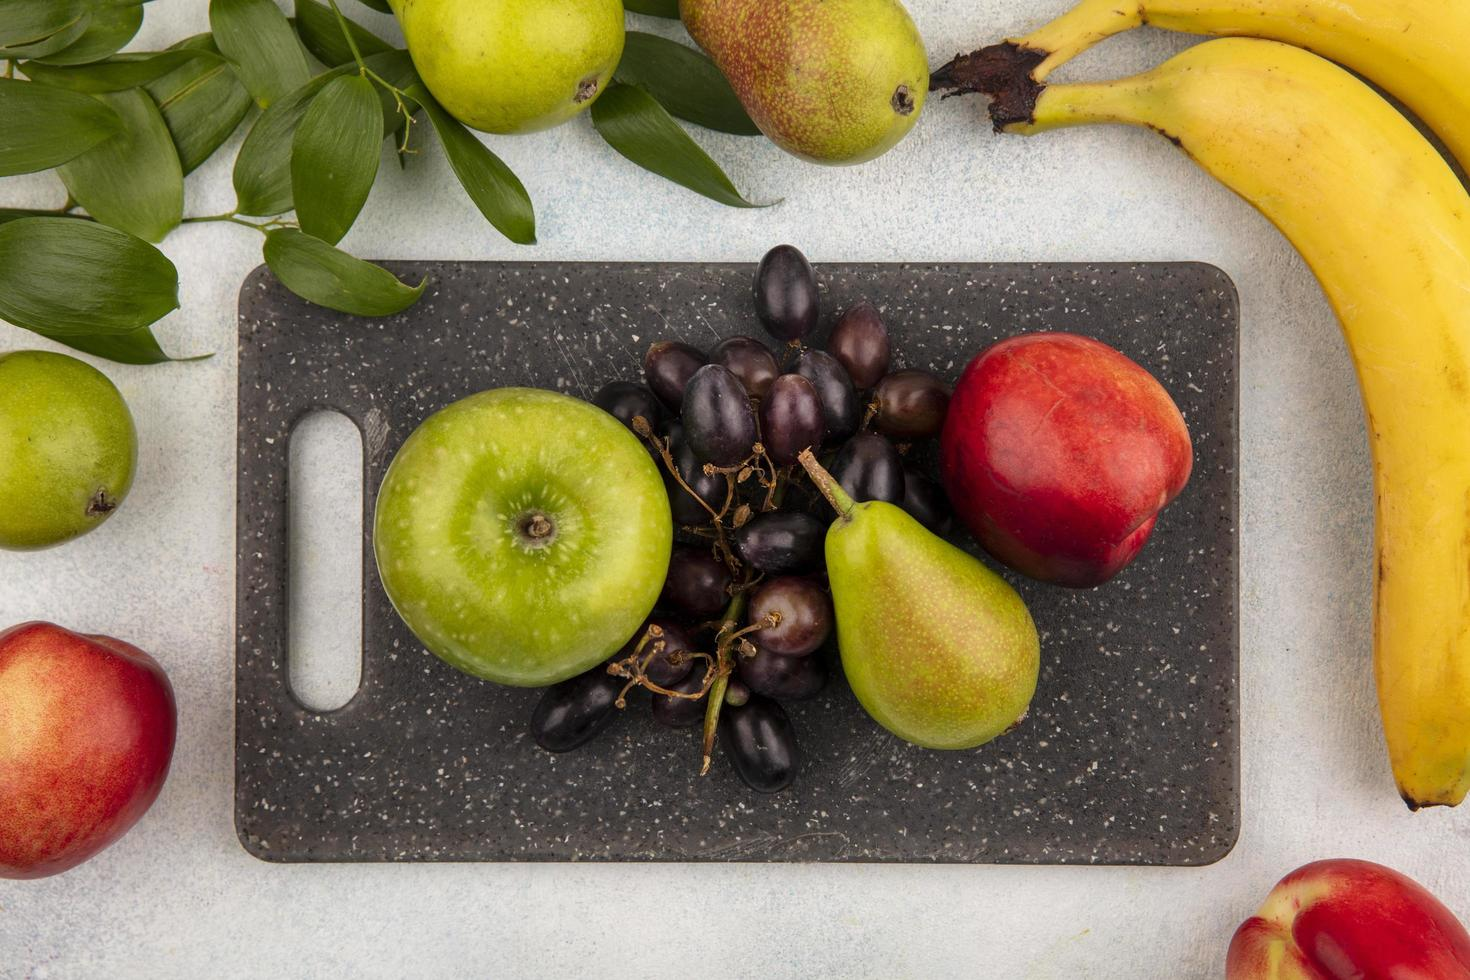 verschiedene Früchte auf Schneidebrett auf neutralem Hintergrund foto